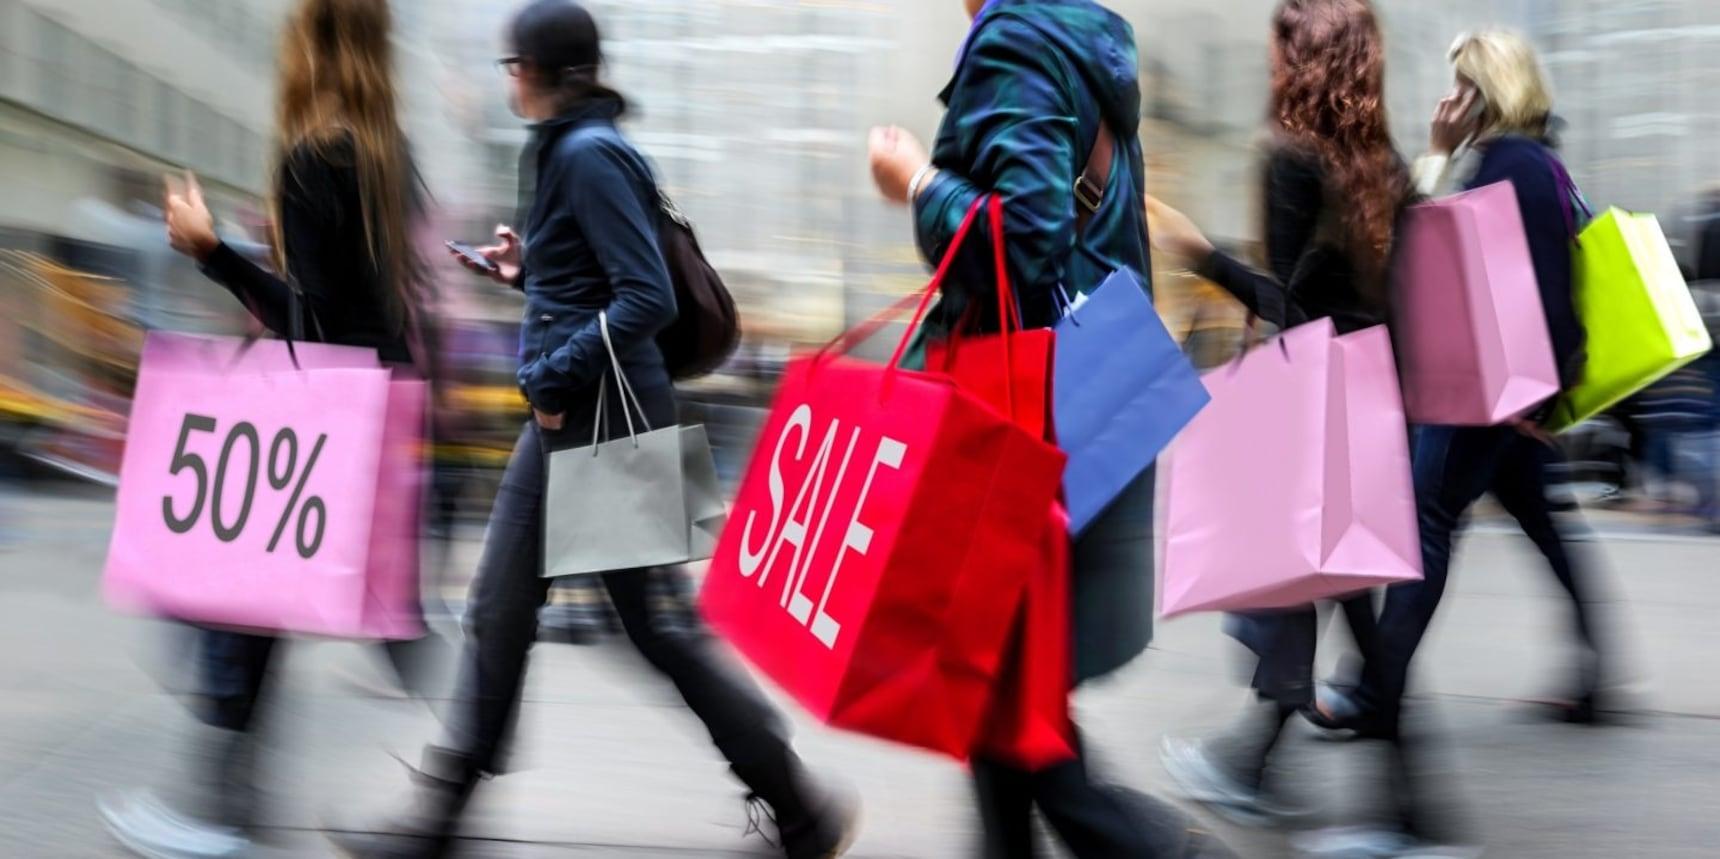 시크릿 쇼핑 팁: 도쿄에서 구매해야 저렴한 의류 브랜드